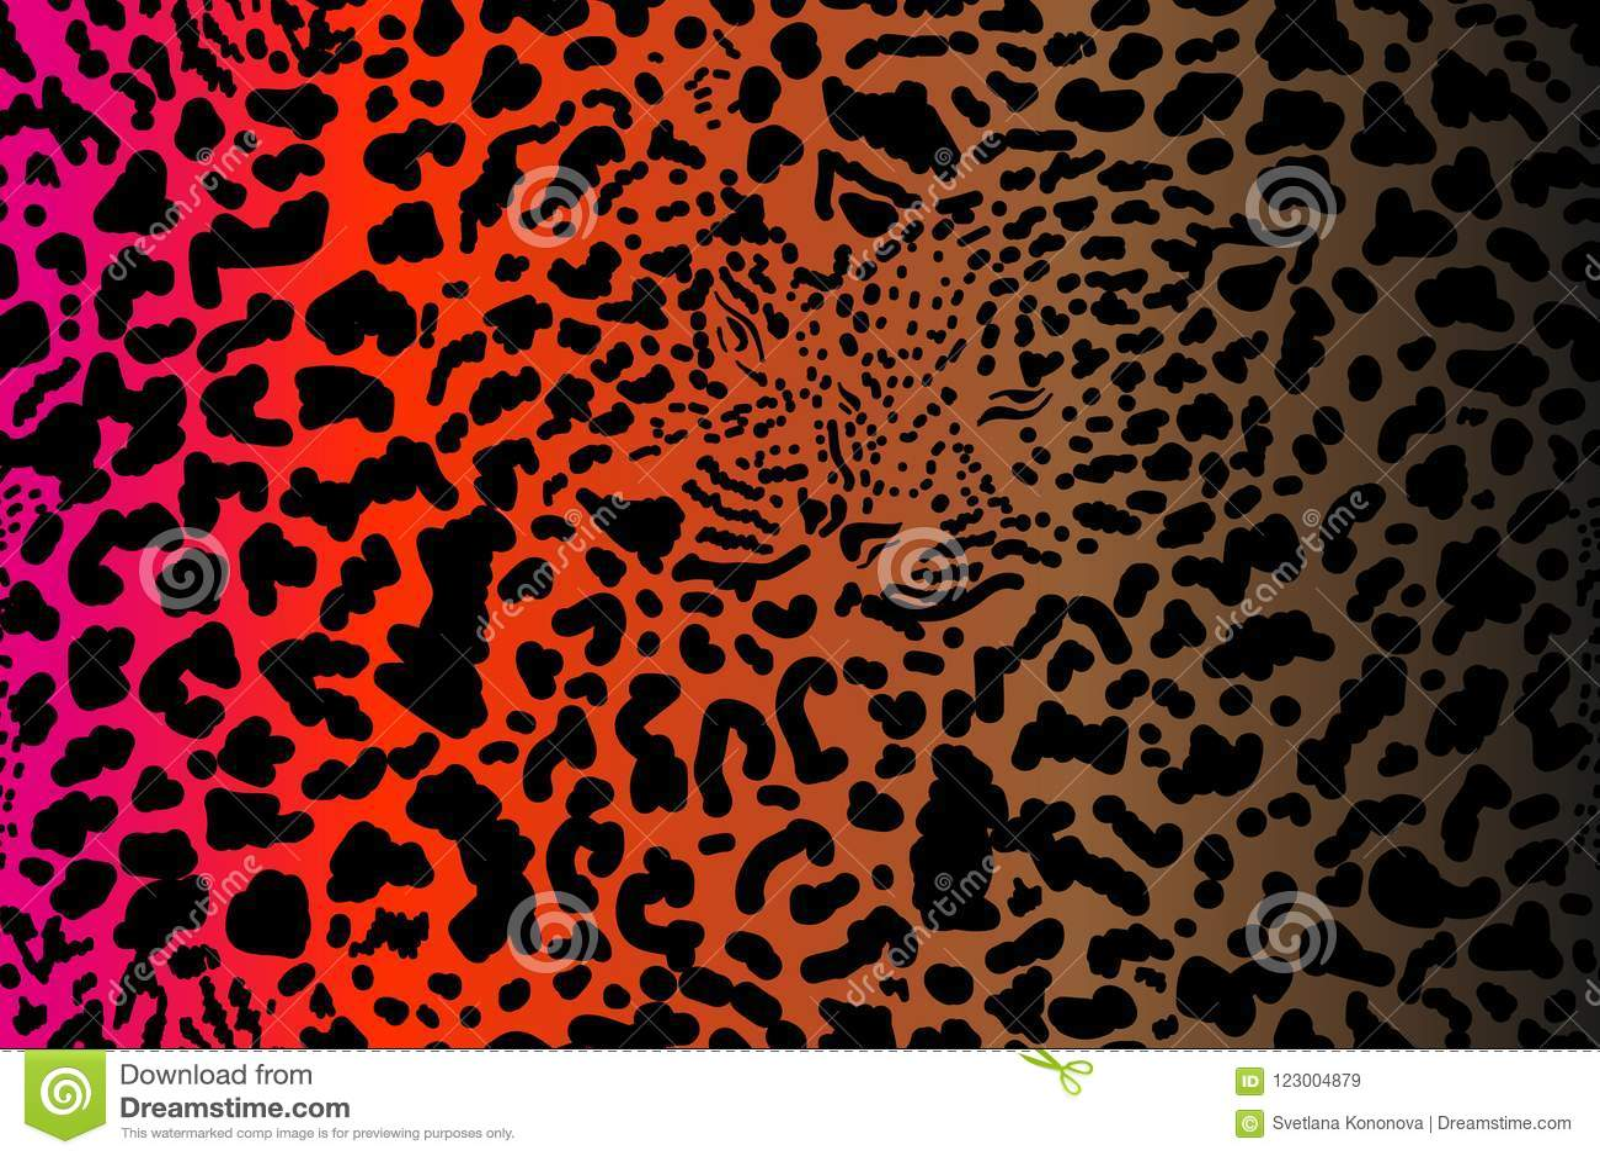 Safaridrömdesign